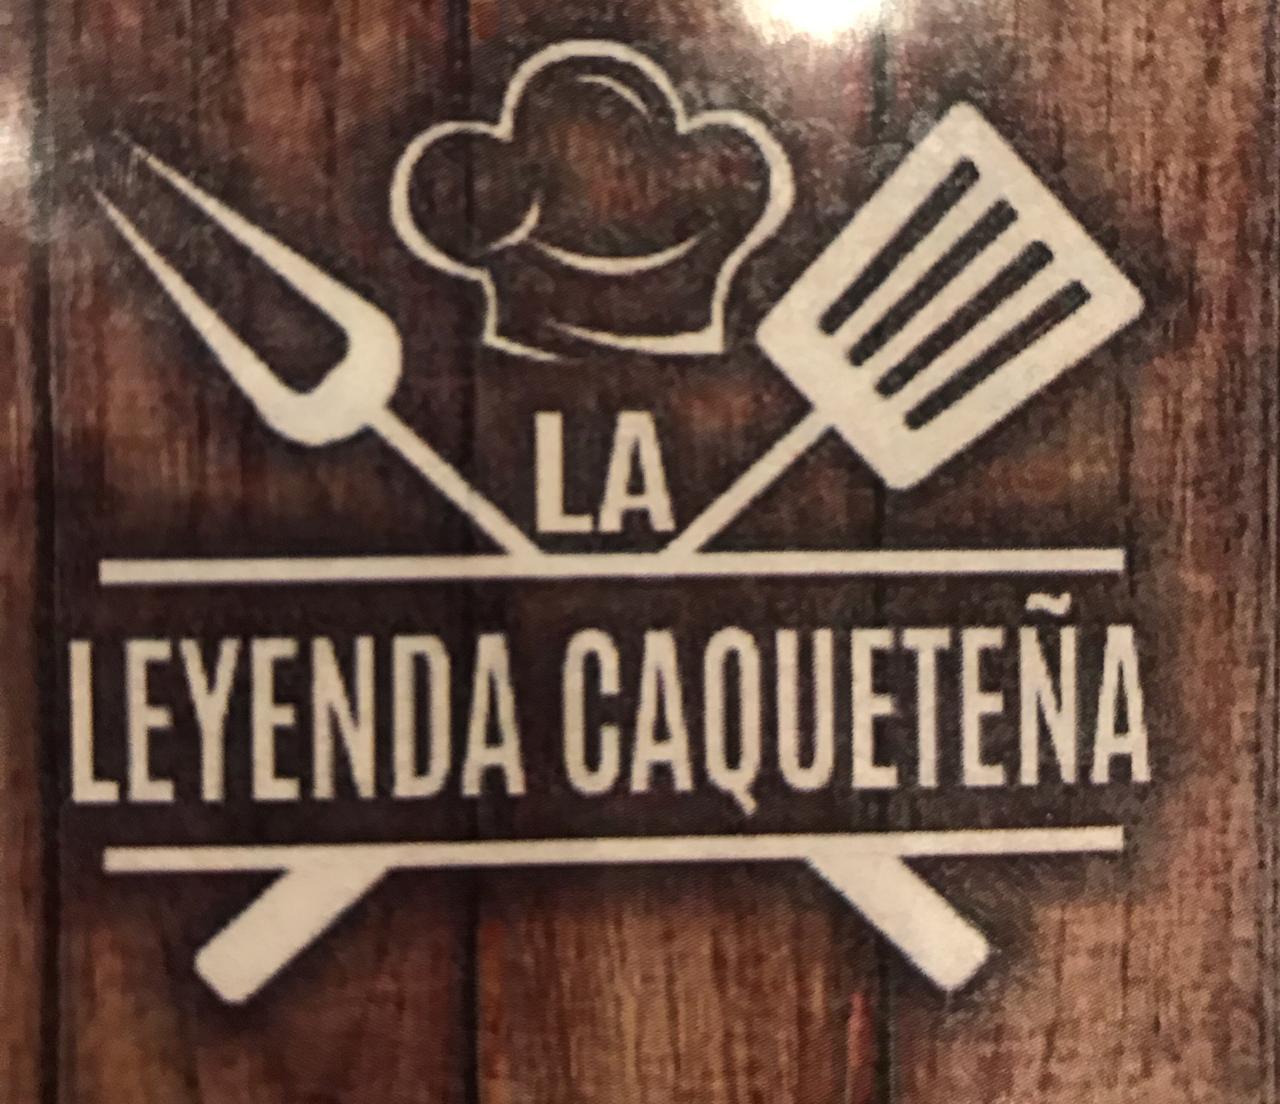 La Leyenda Caqueteña